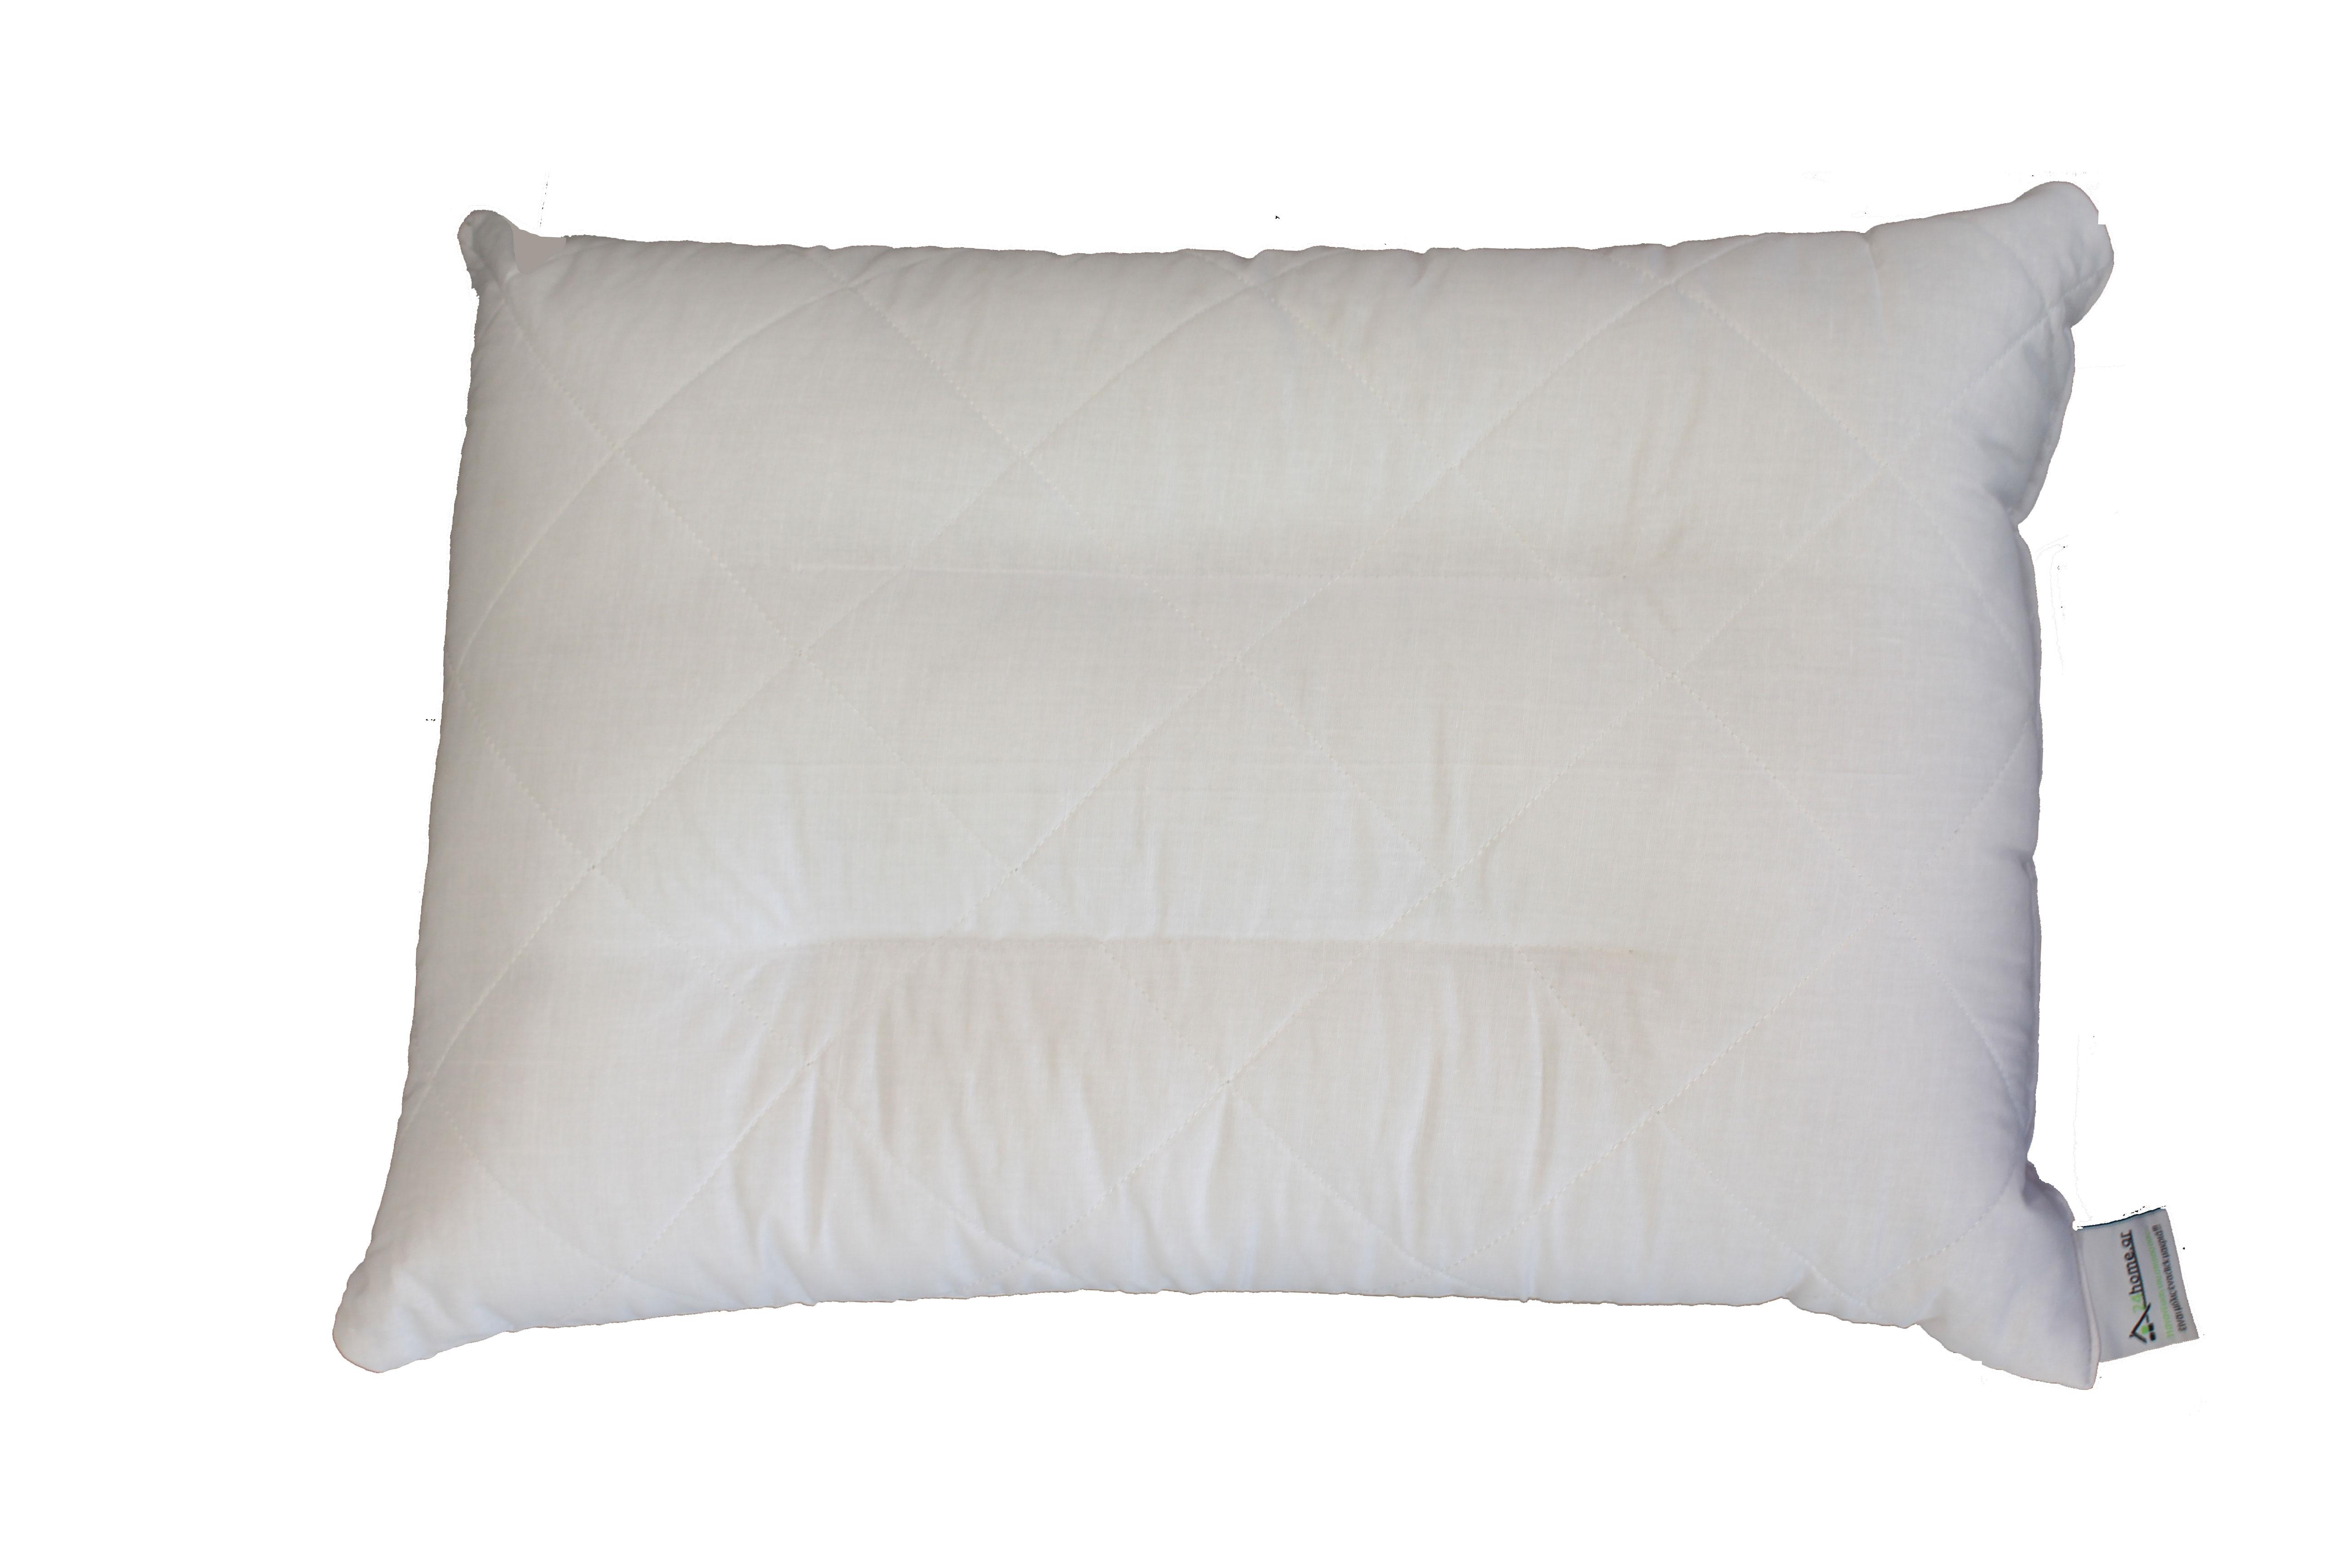 Μαξιλάρι Ύπνου Ανατομικό 50×70εκ. 24home (Ύφασμα: 50%Cotton-50%Polyester) – 24home.gr – 24-anatomic-max